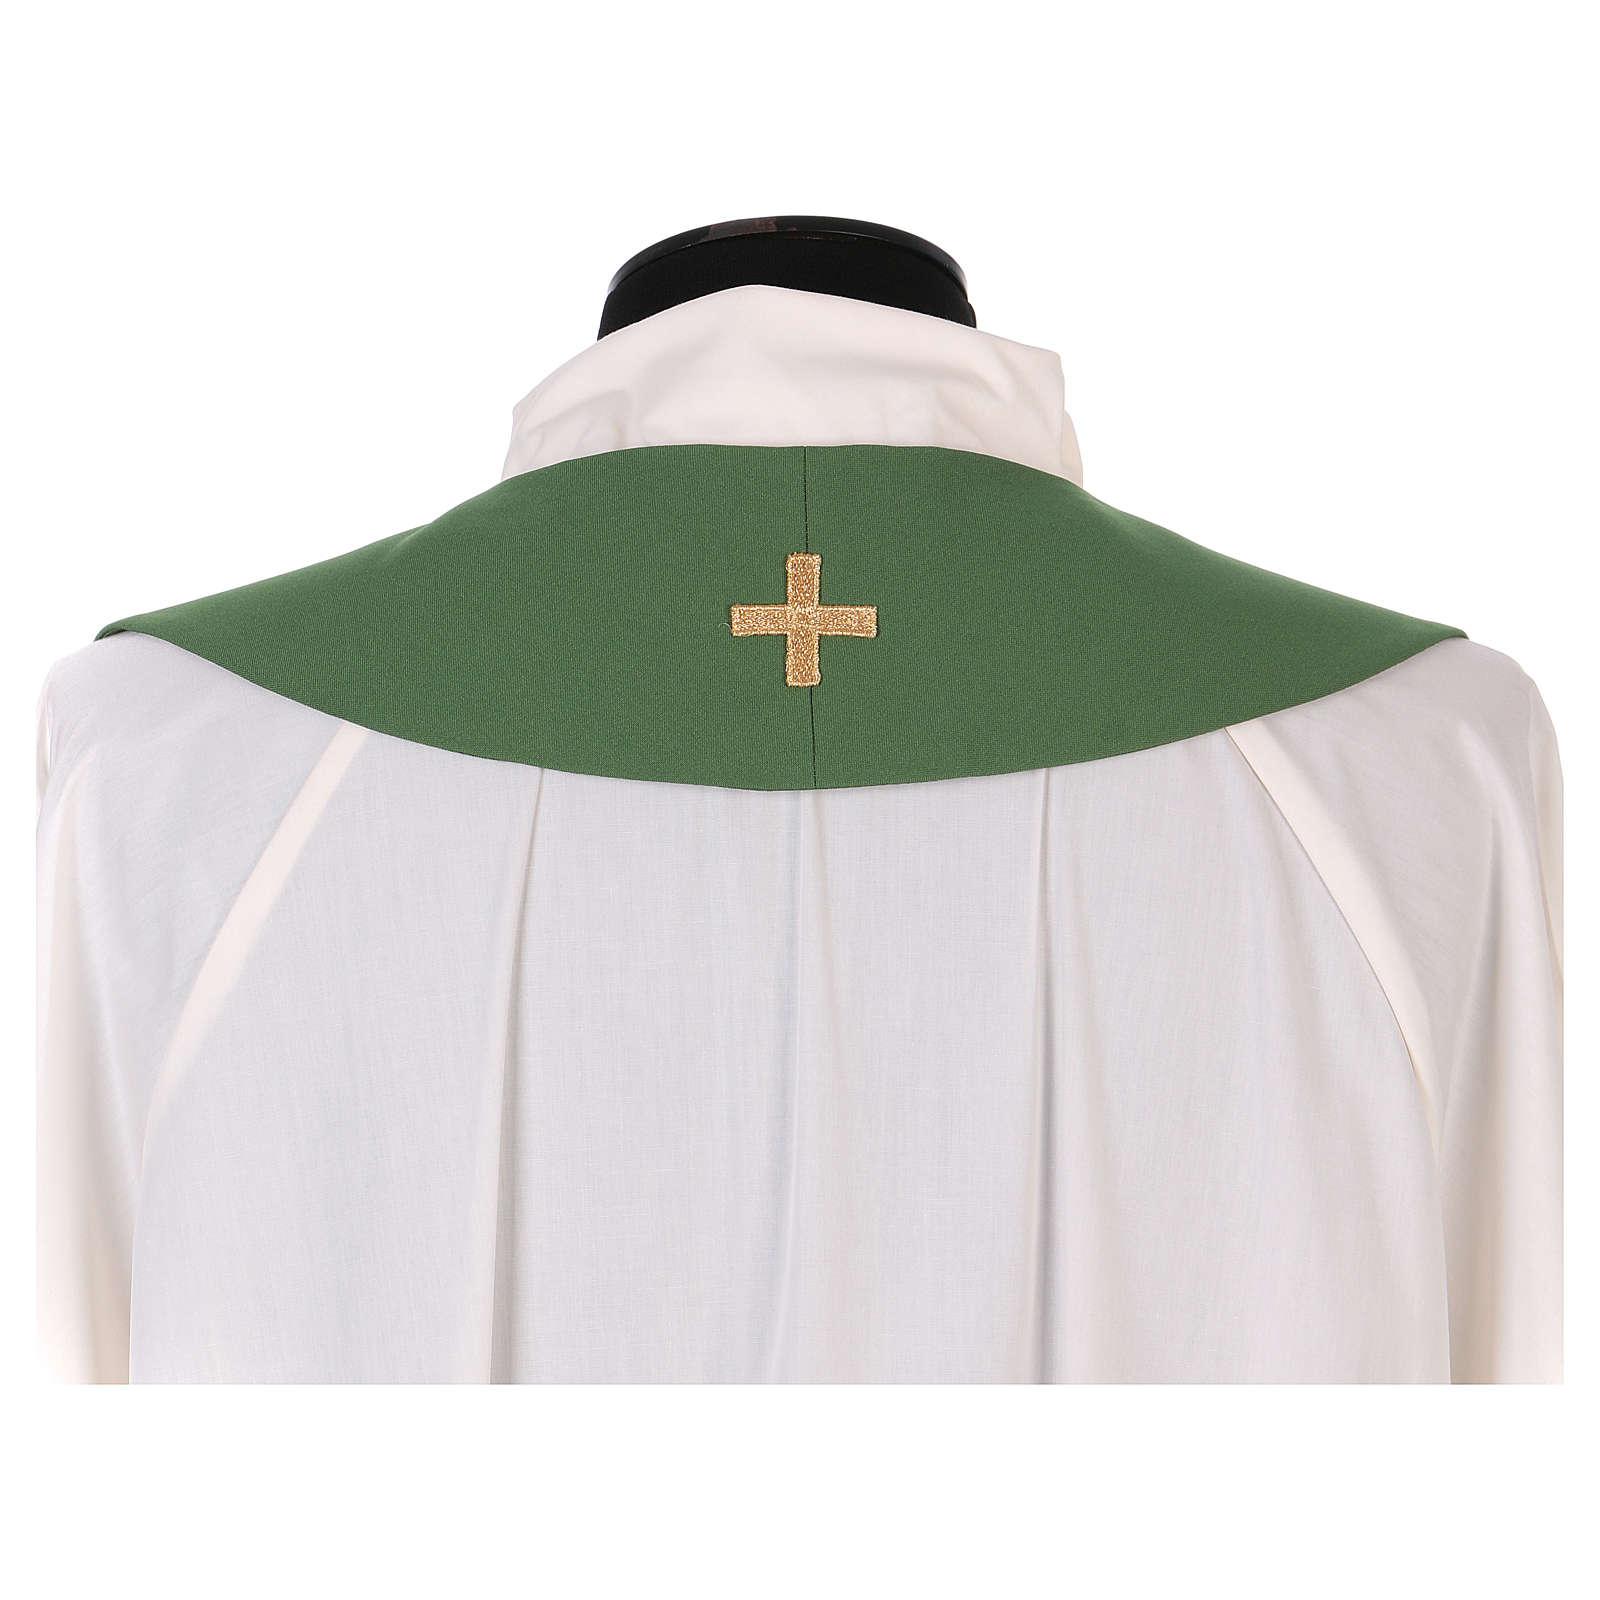 Estola litúrgica bordado con XP 4